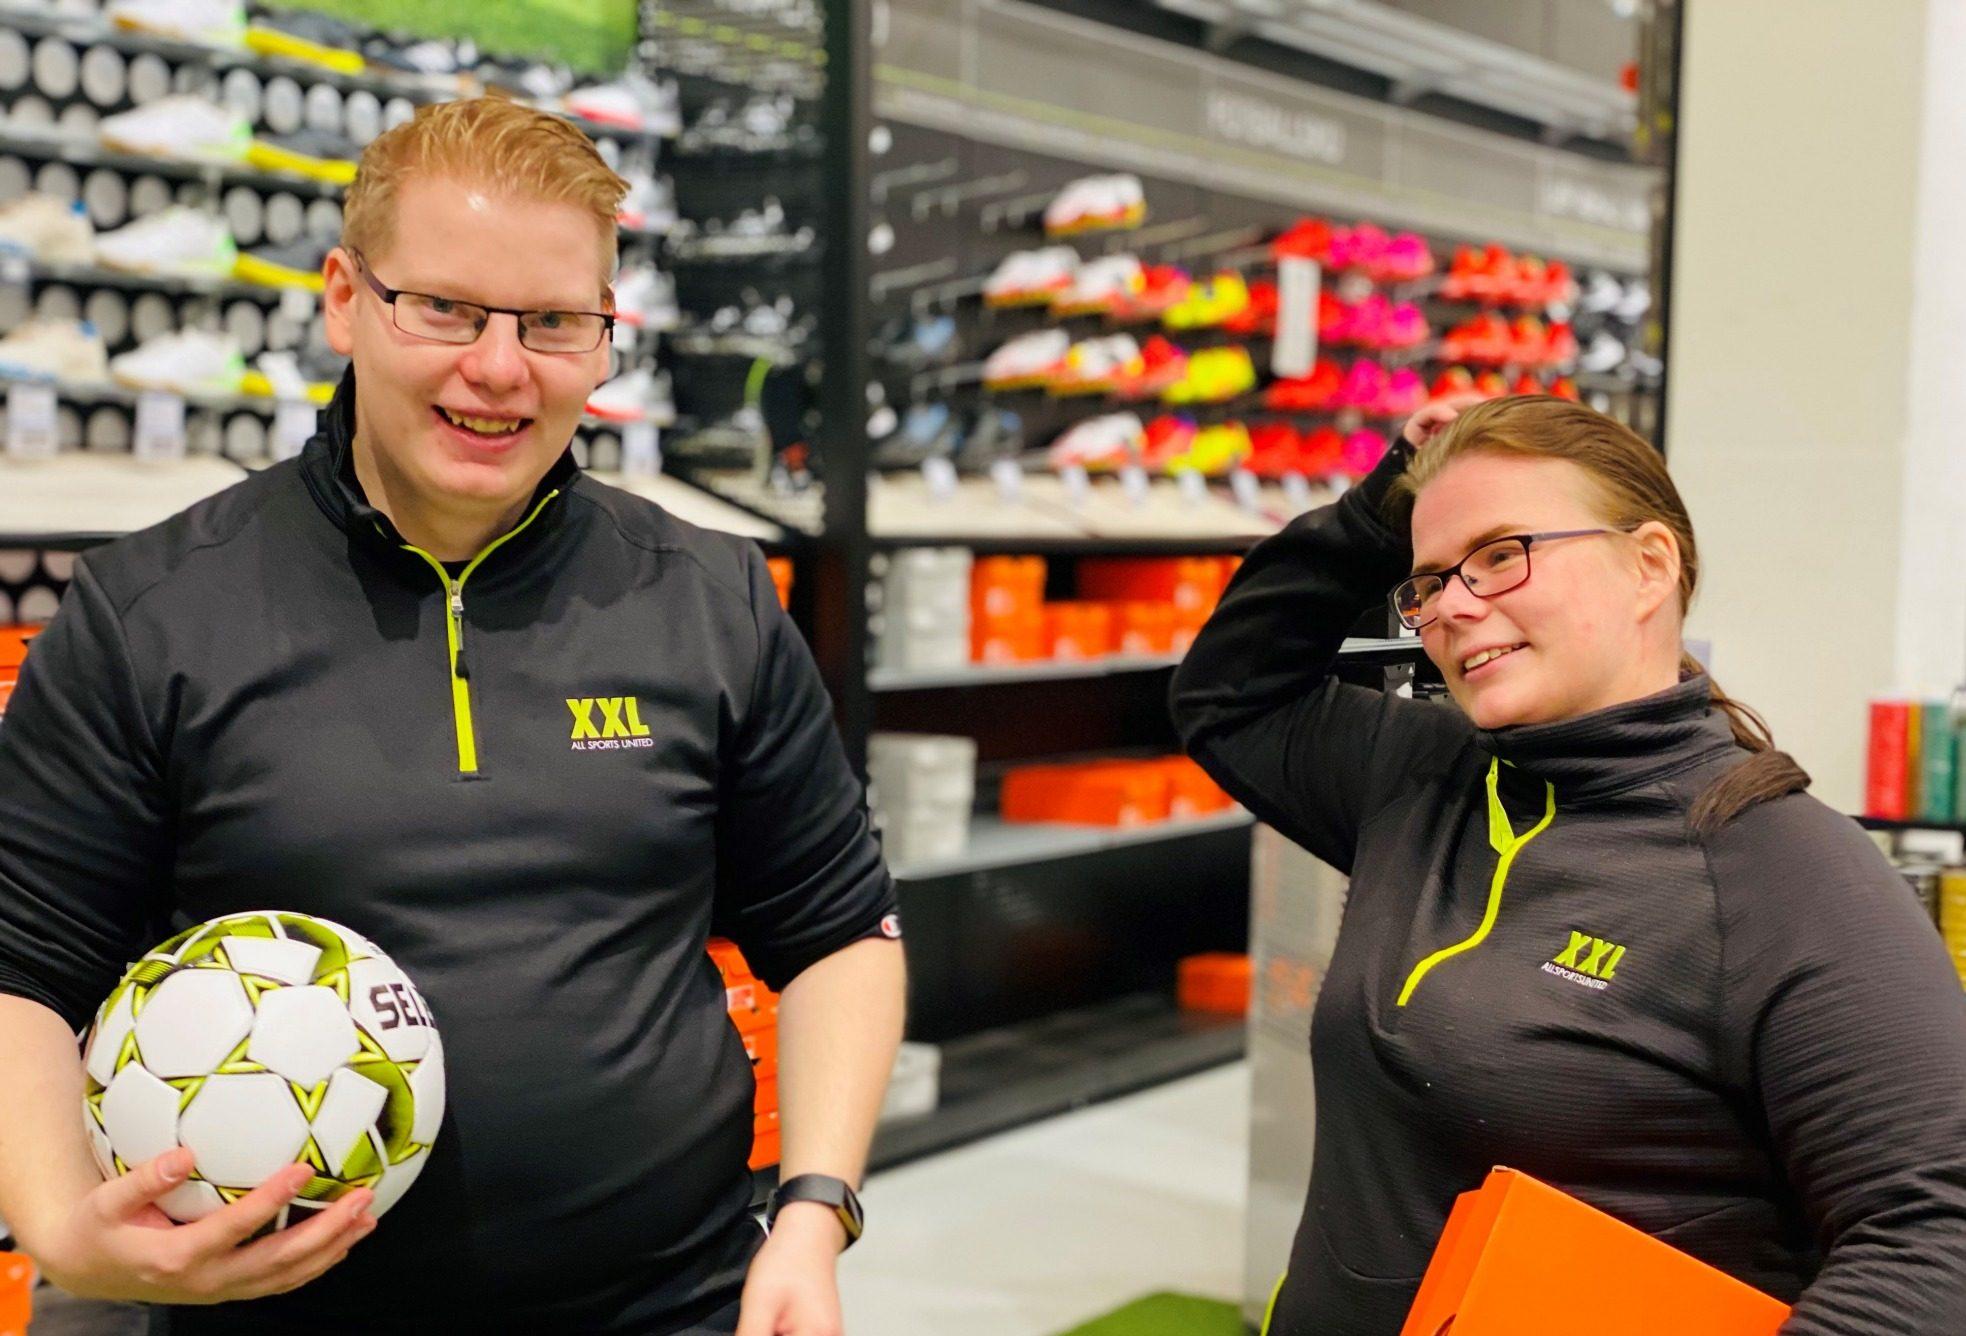 FIKK JOBB: Mikael Pedersen og Simone Nerberg Hansen har begge fått jobb på XXL i Arendal. Det er de veldig fornøyde med.